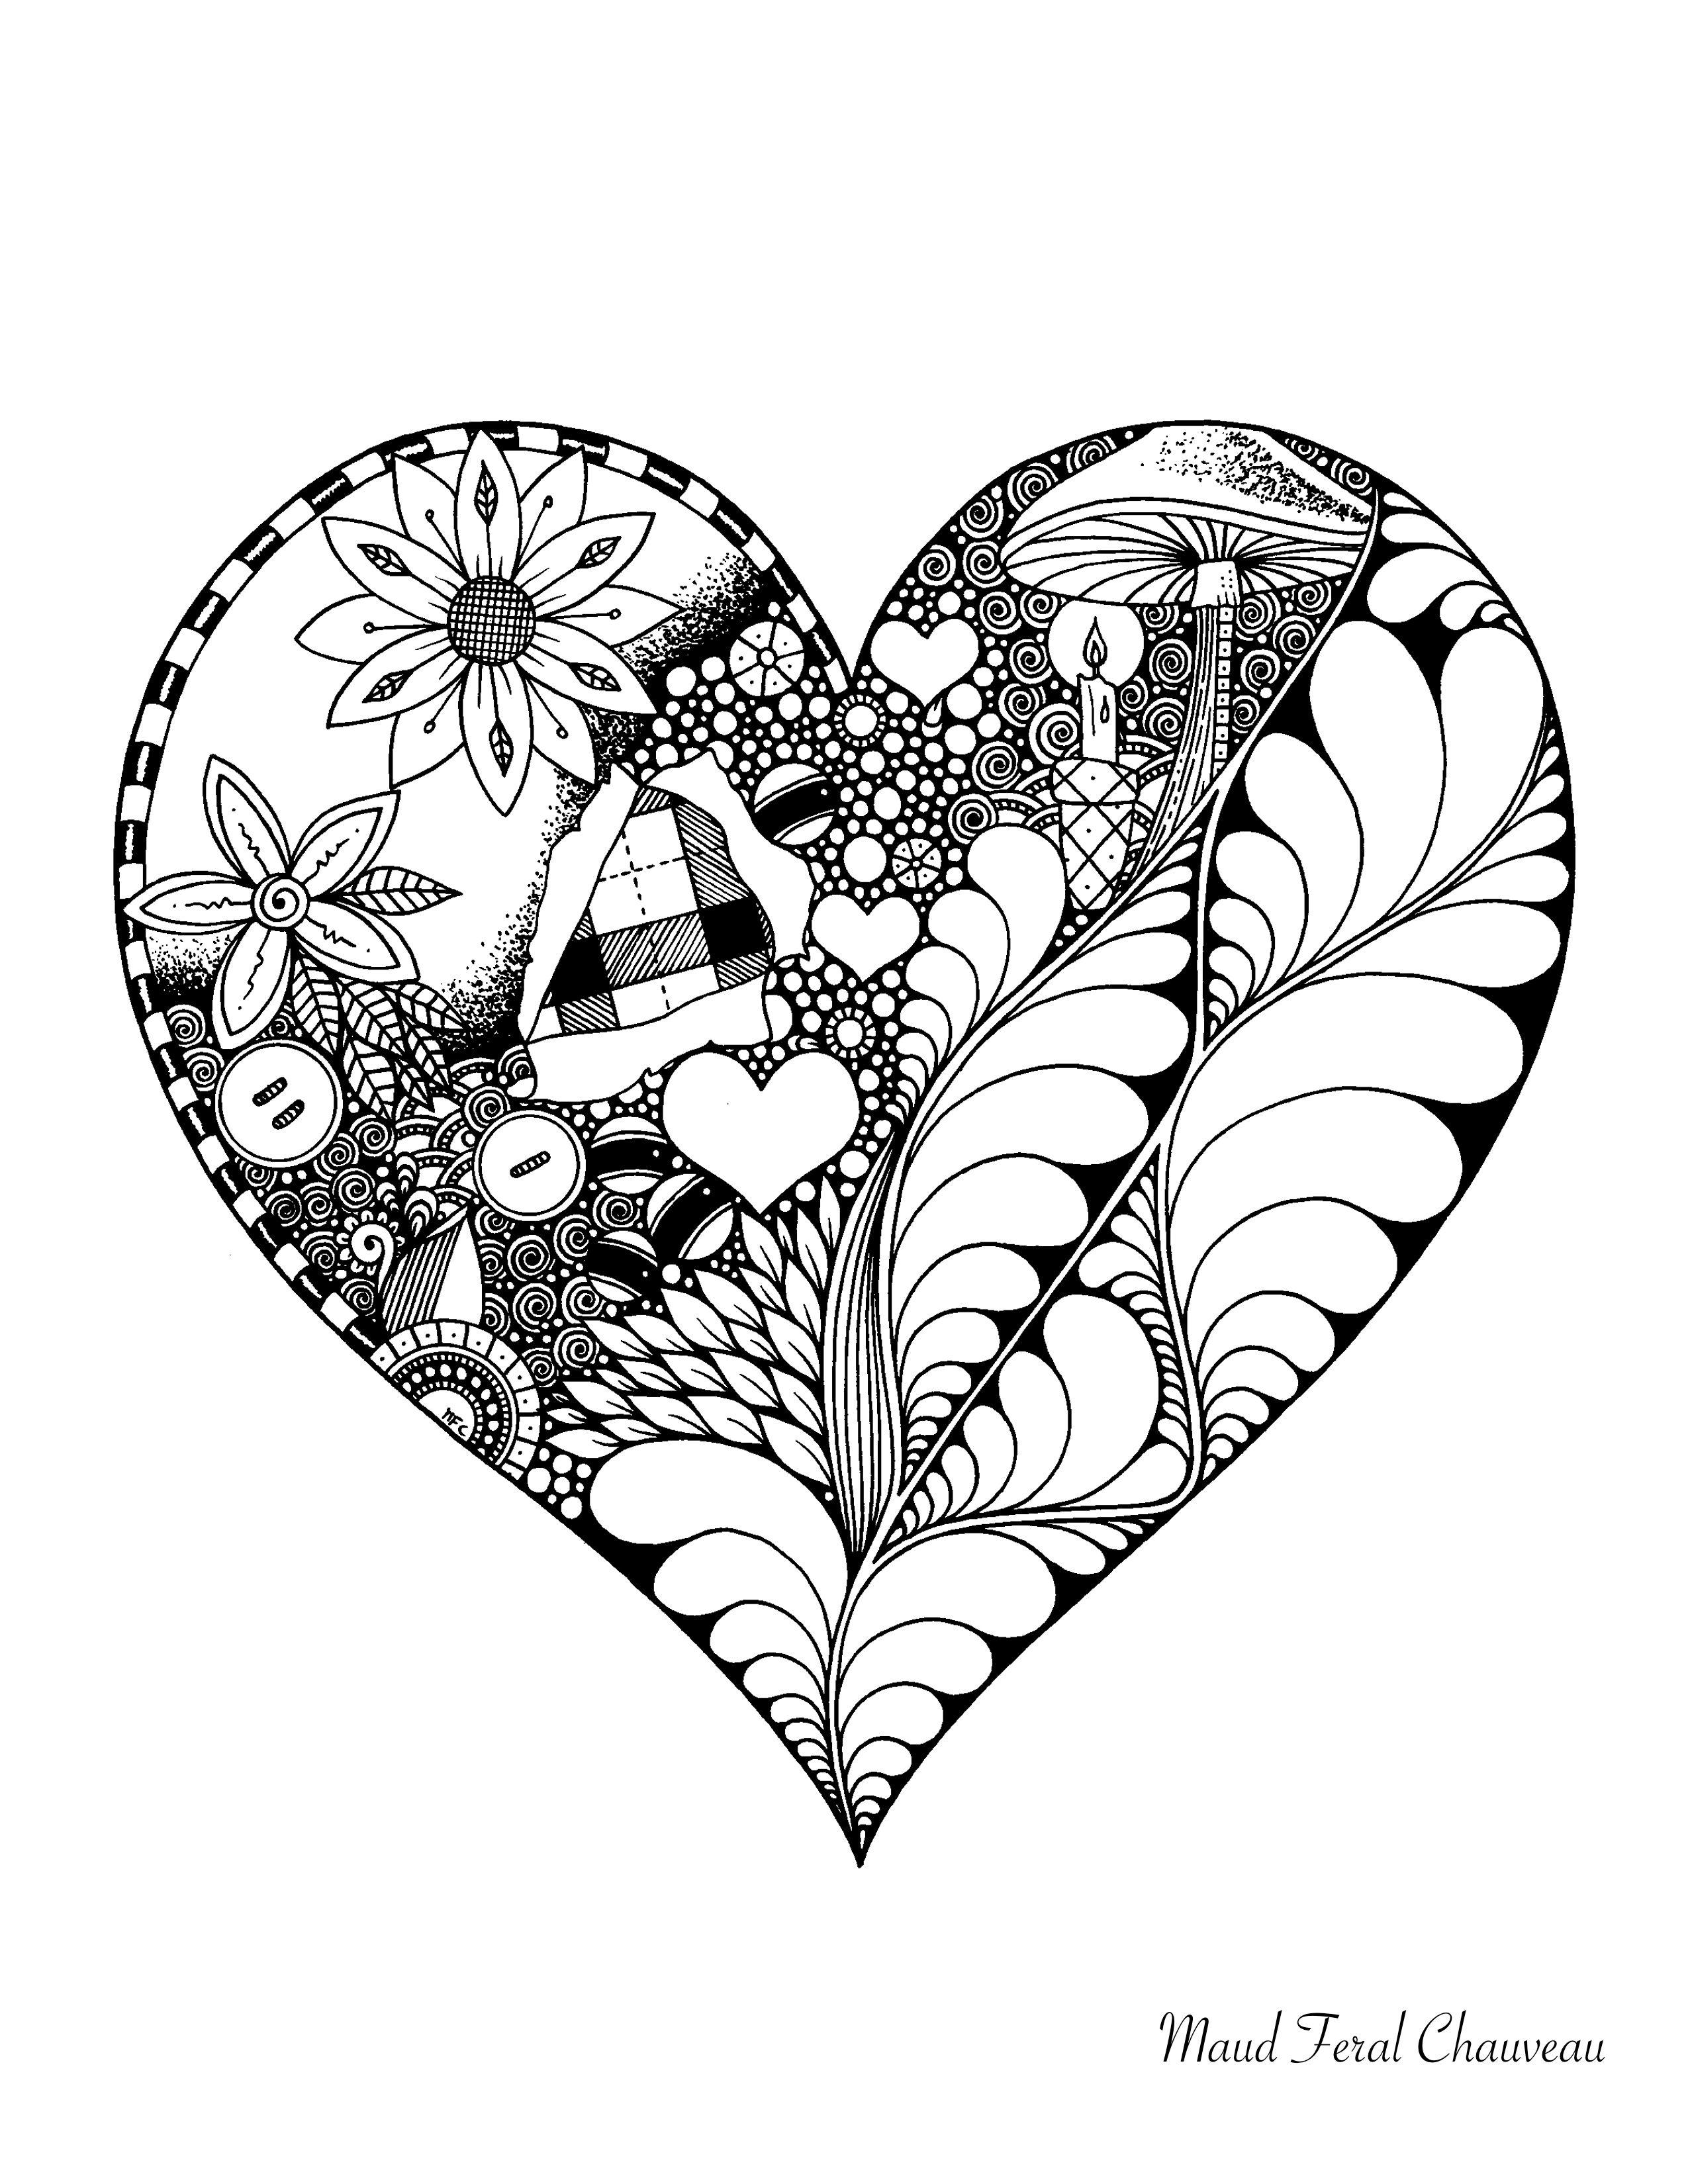 Coloriage doodle coeur st valentin par maud feral - Coeur st valentin ...